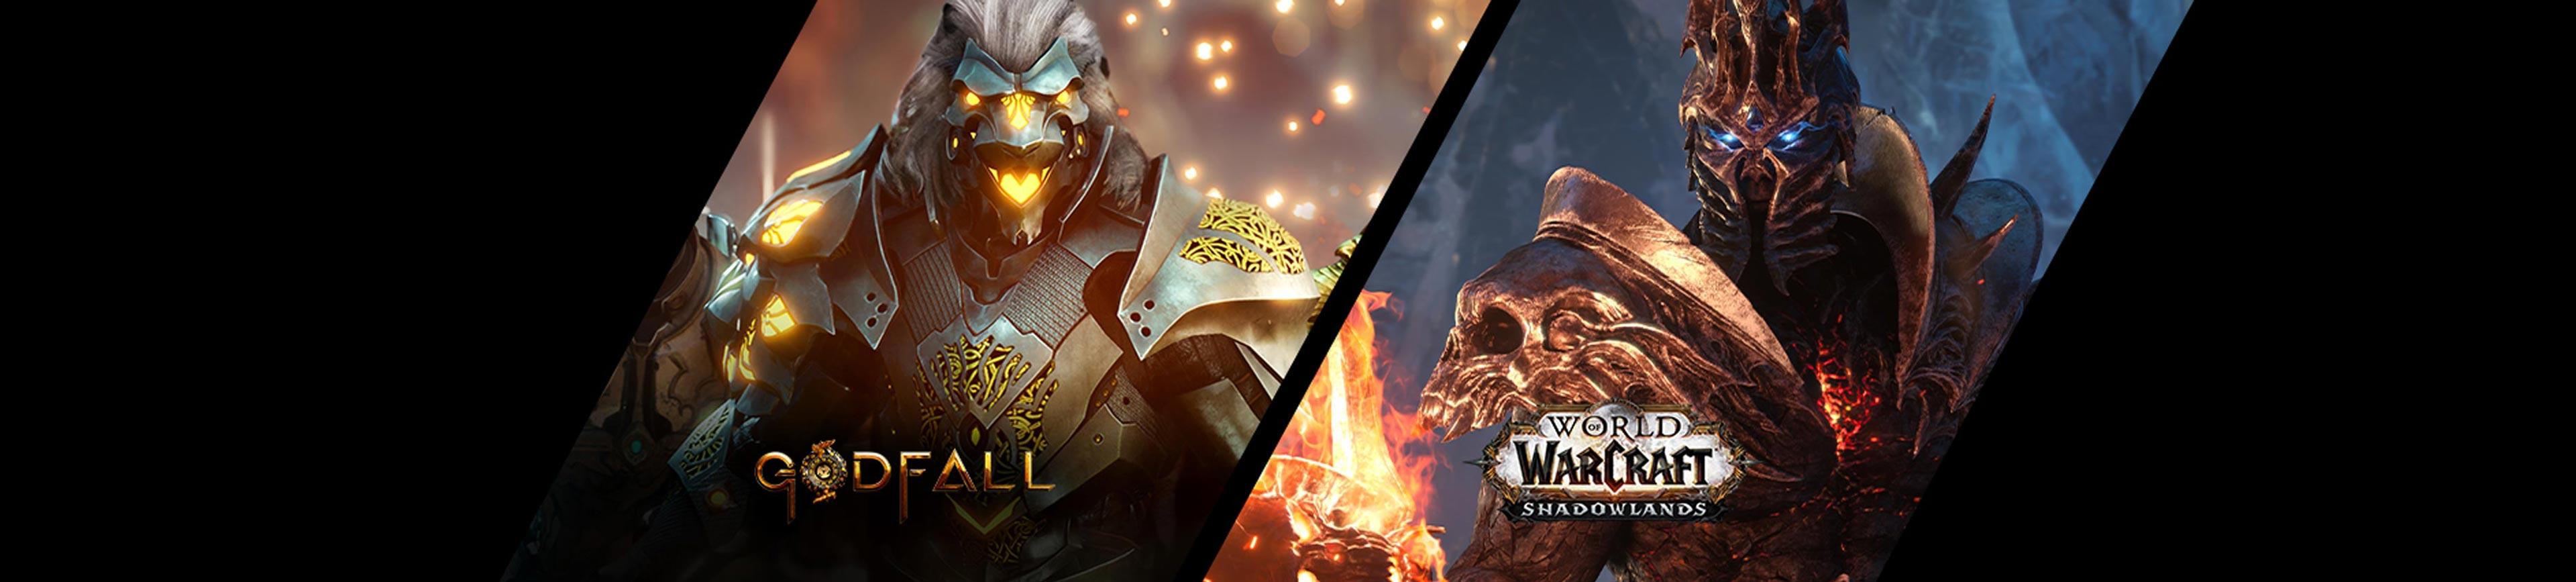 msi godfall and wold warcraft game bundle